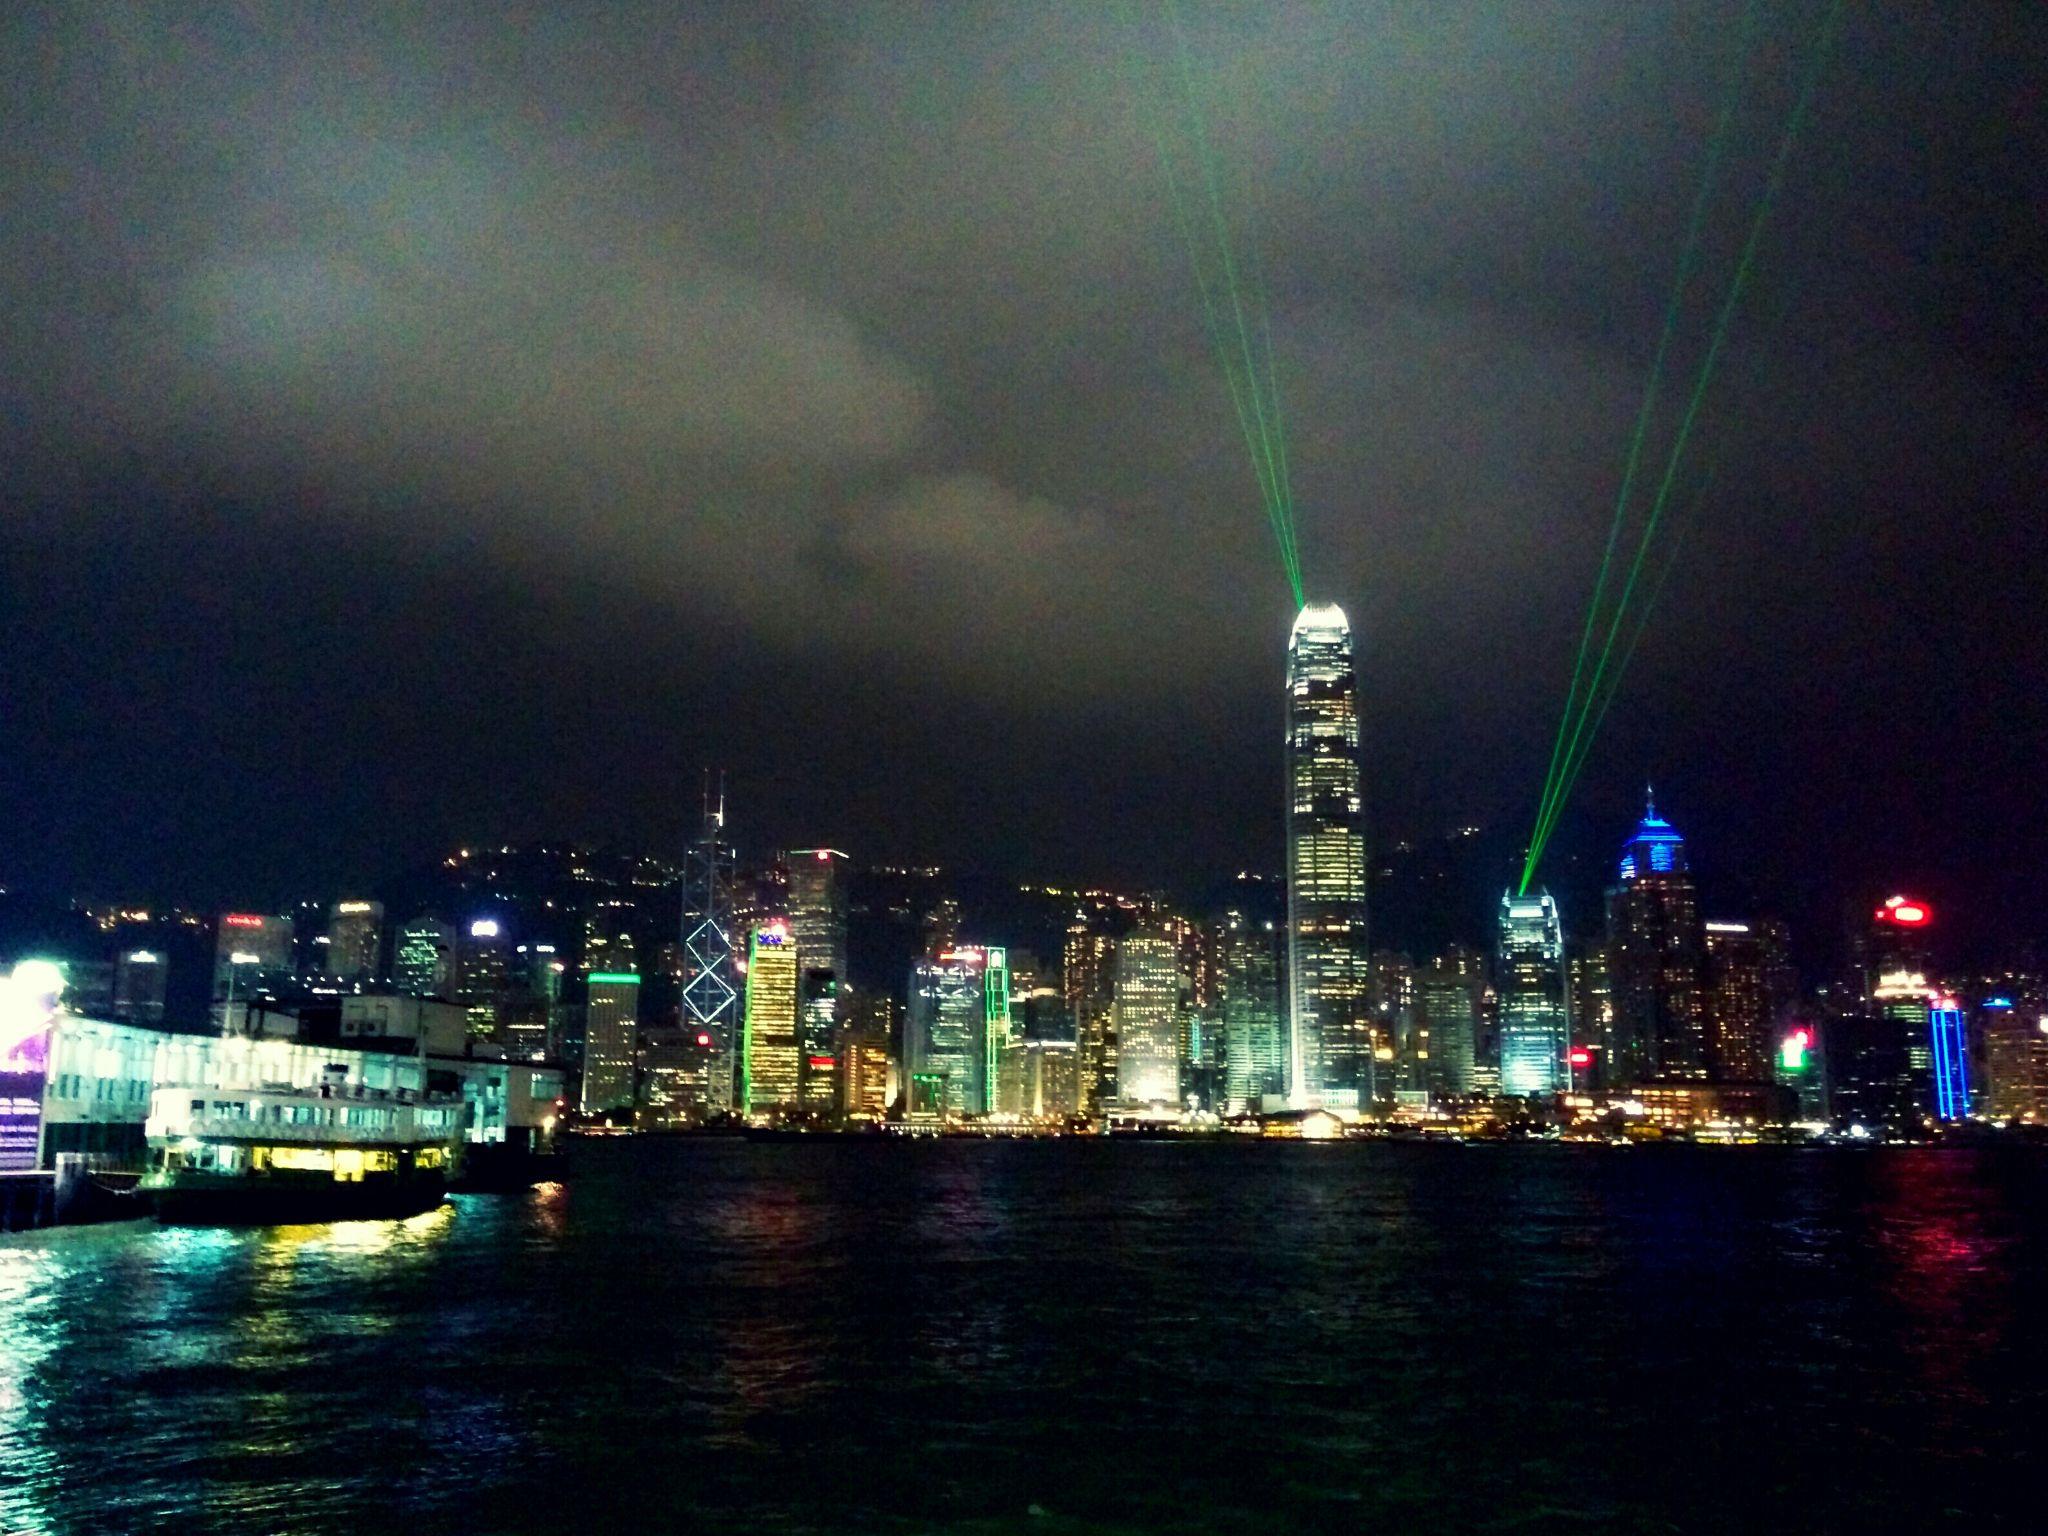 Hong Kong 2 by leocary